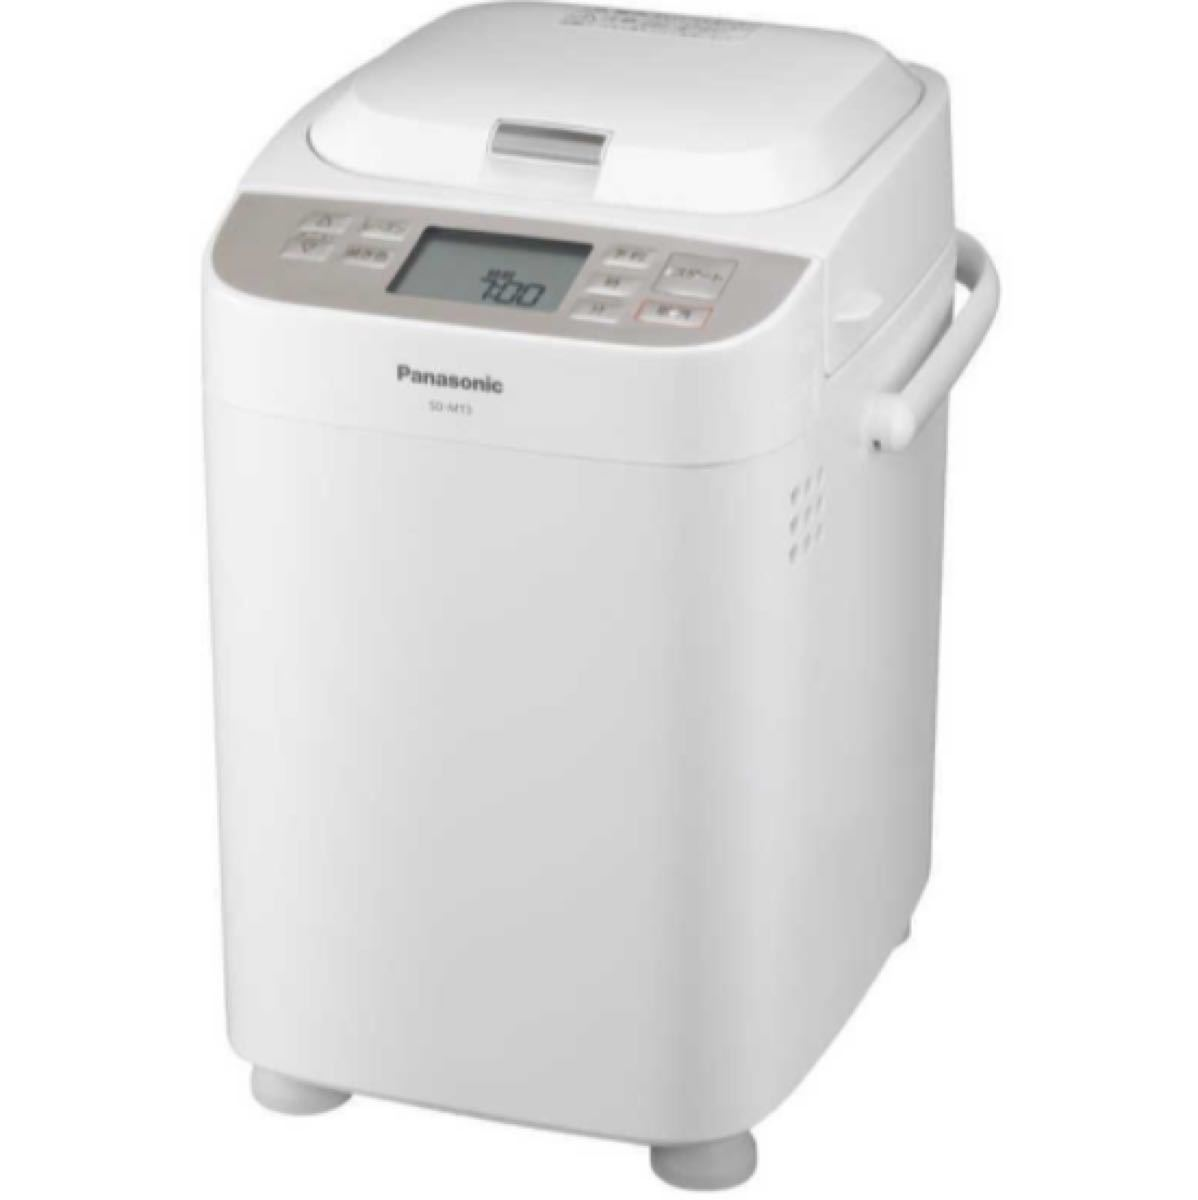 Panasonic パナソニック ホームベーカリー 1斤 SD-MT3-W